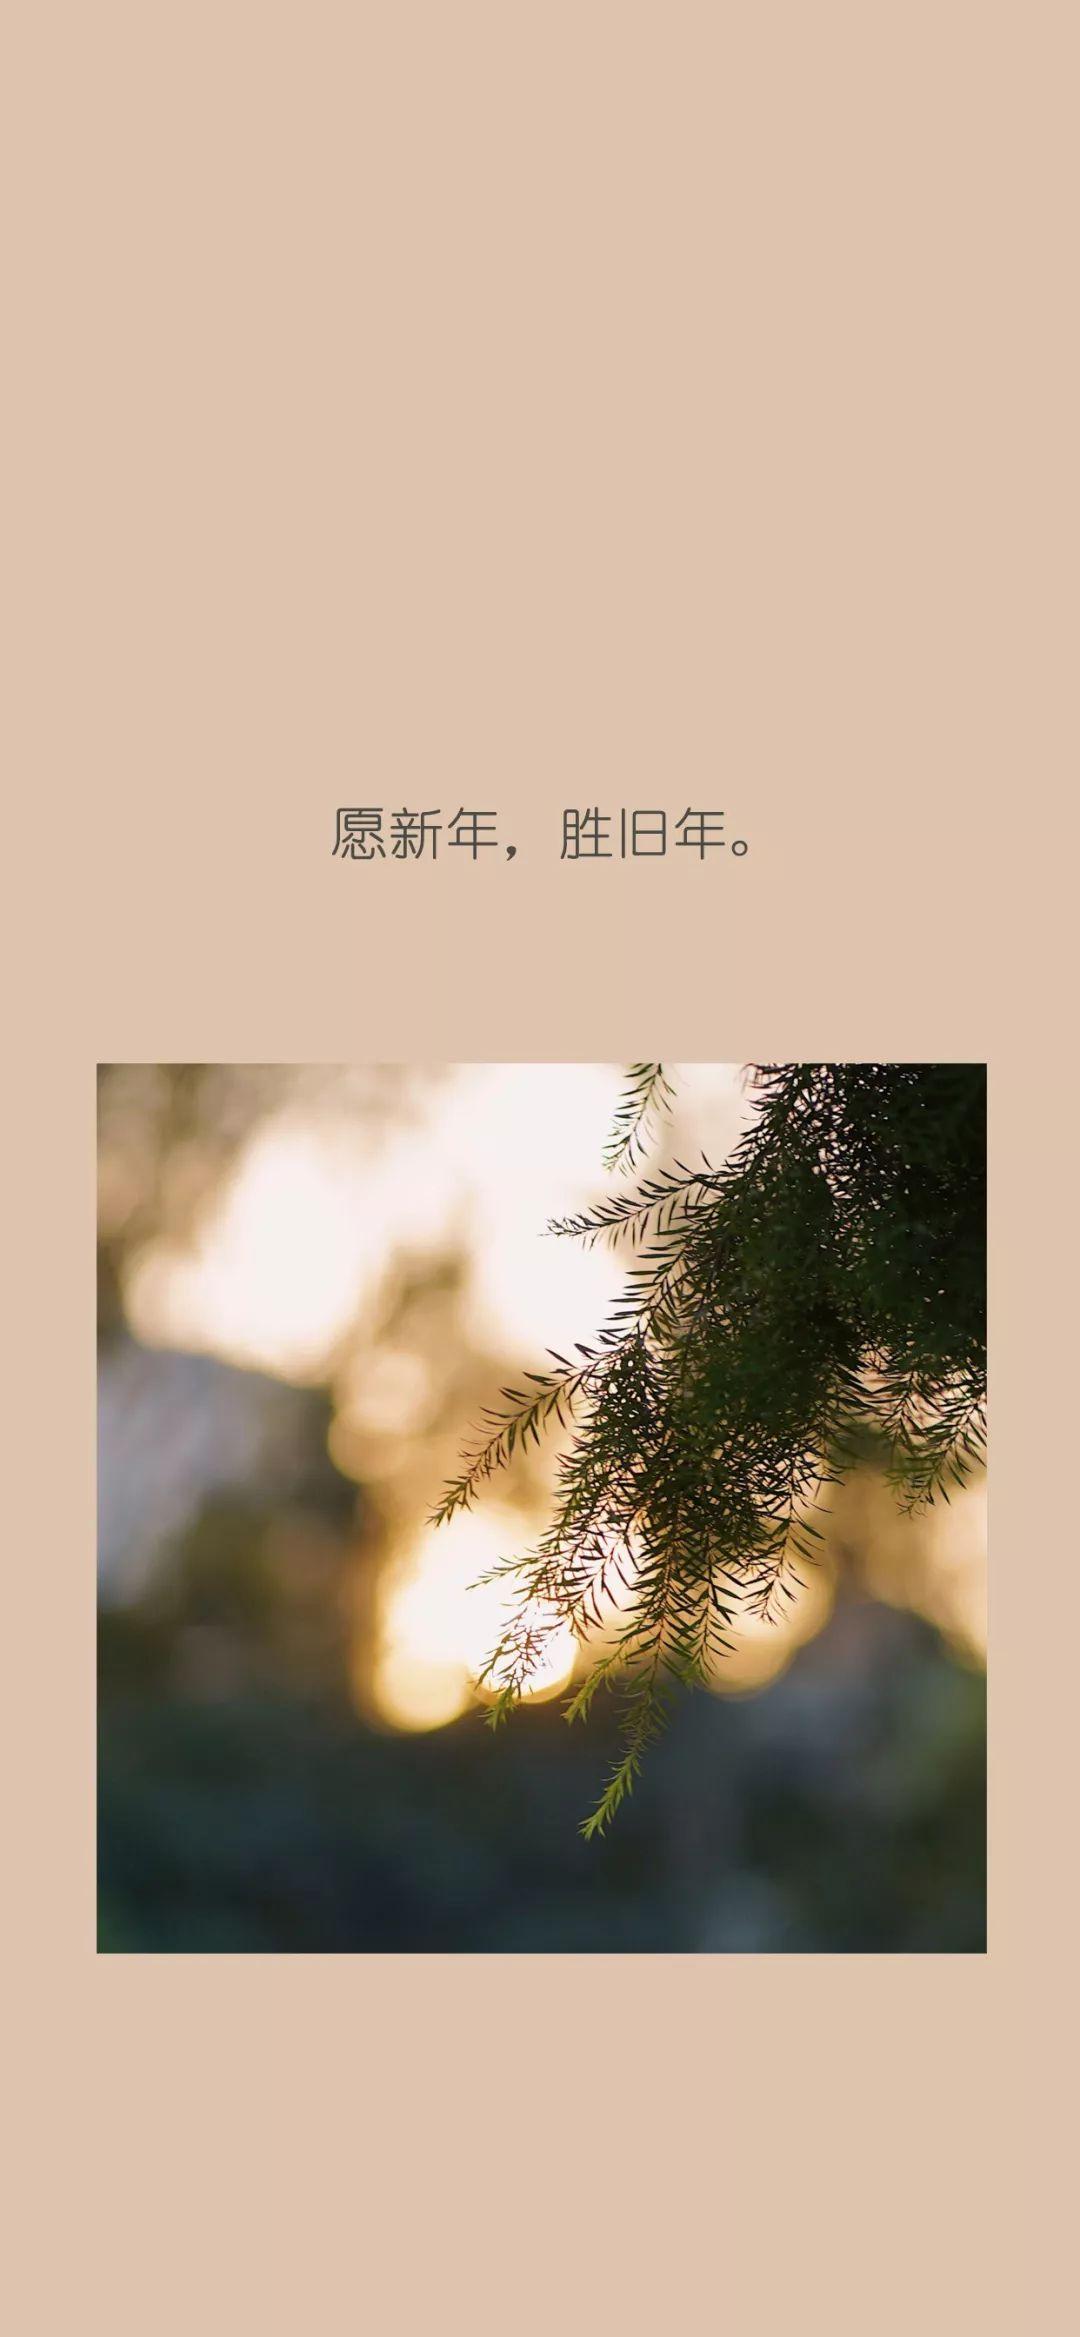 2021年跨年春节深紫色